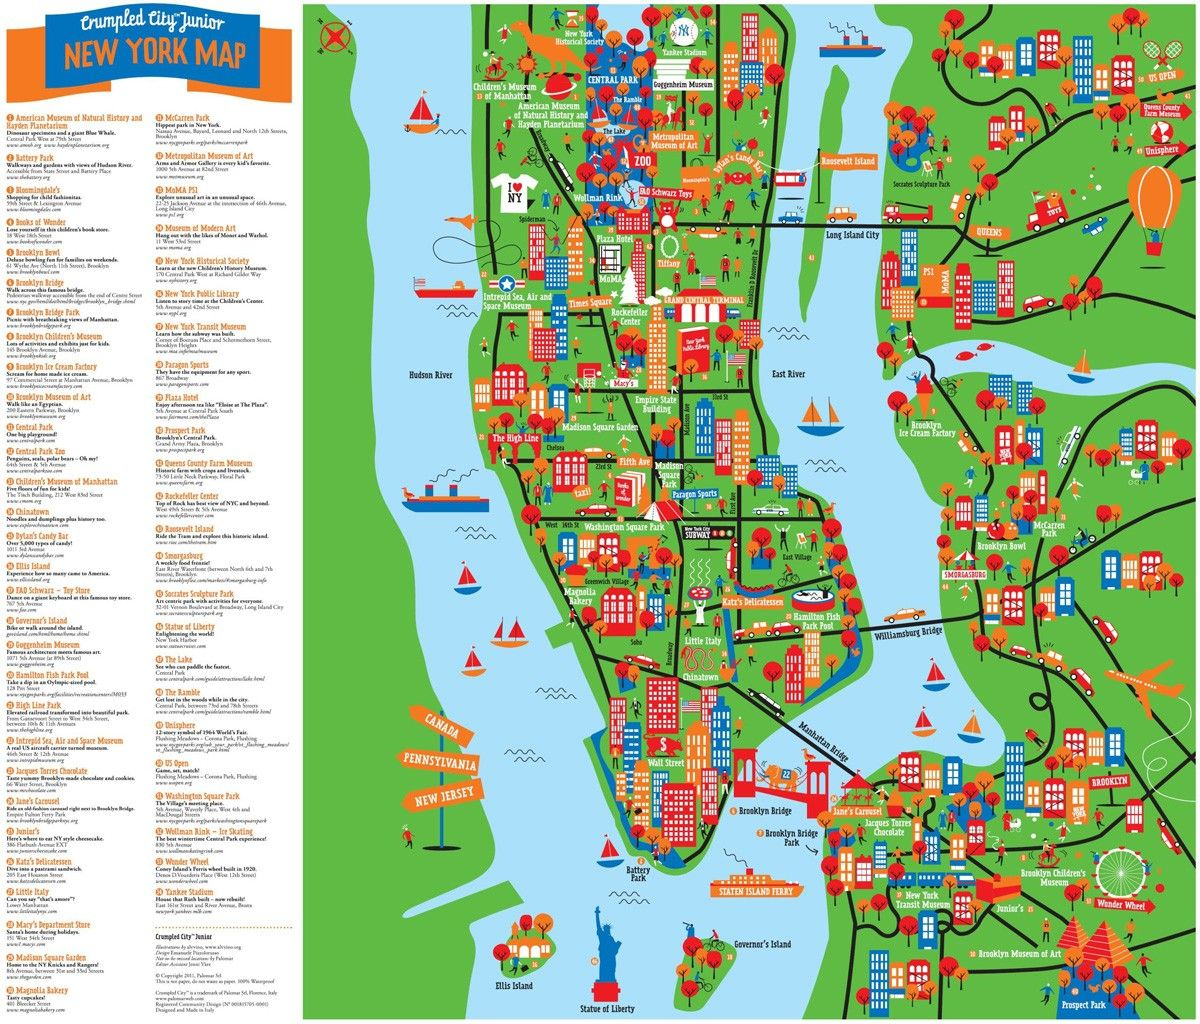 carte touristique new york NEW YORK (avec images) | Idée vacances été, Voyage new york, Idée